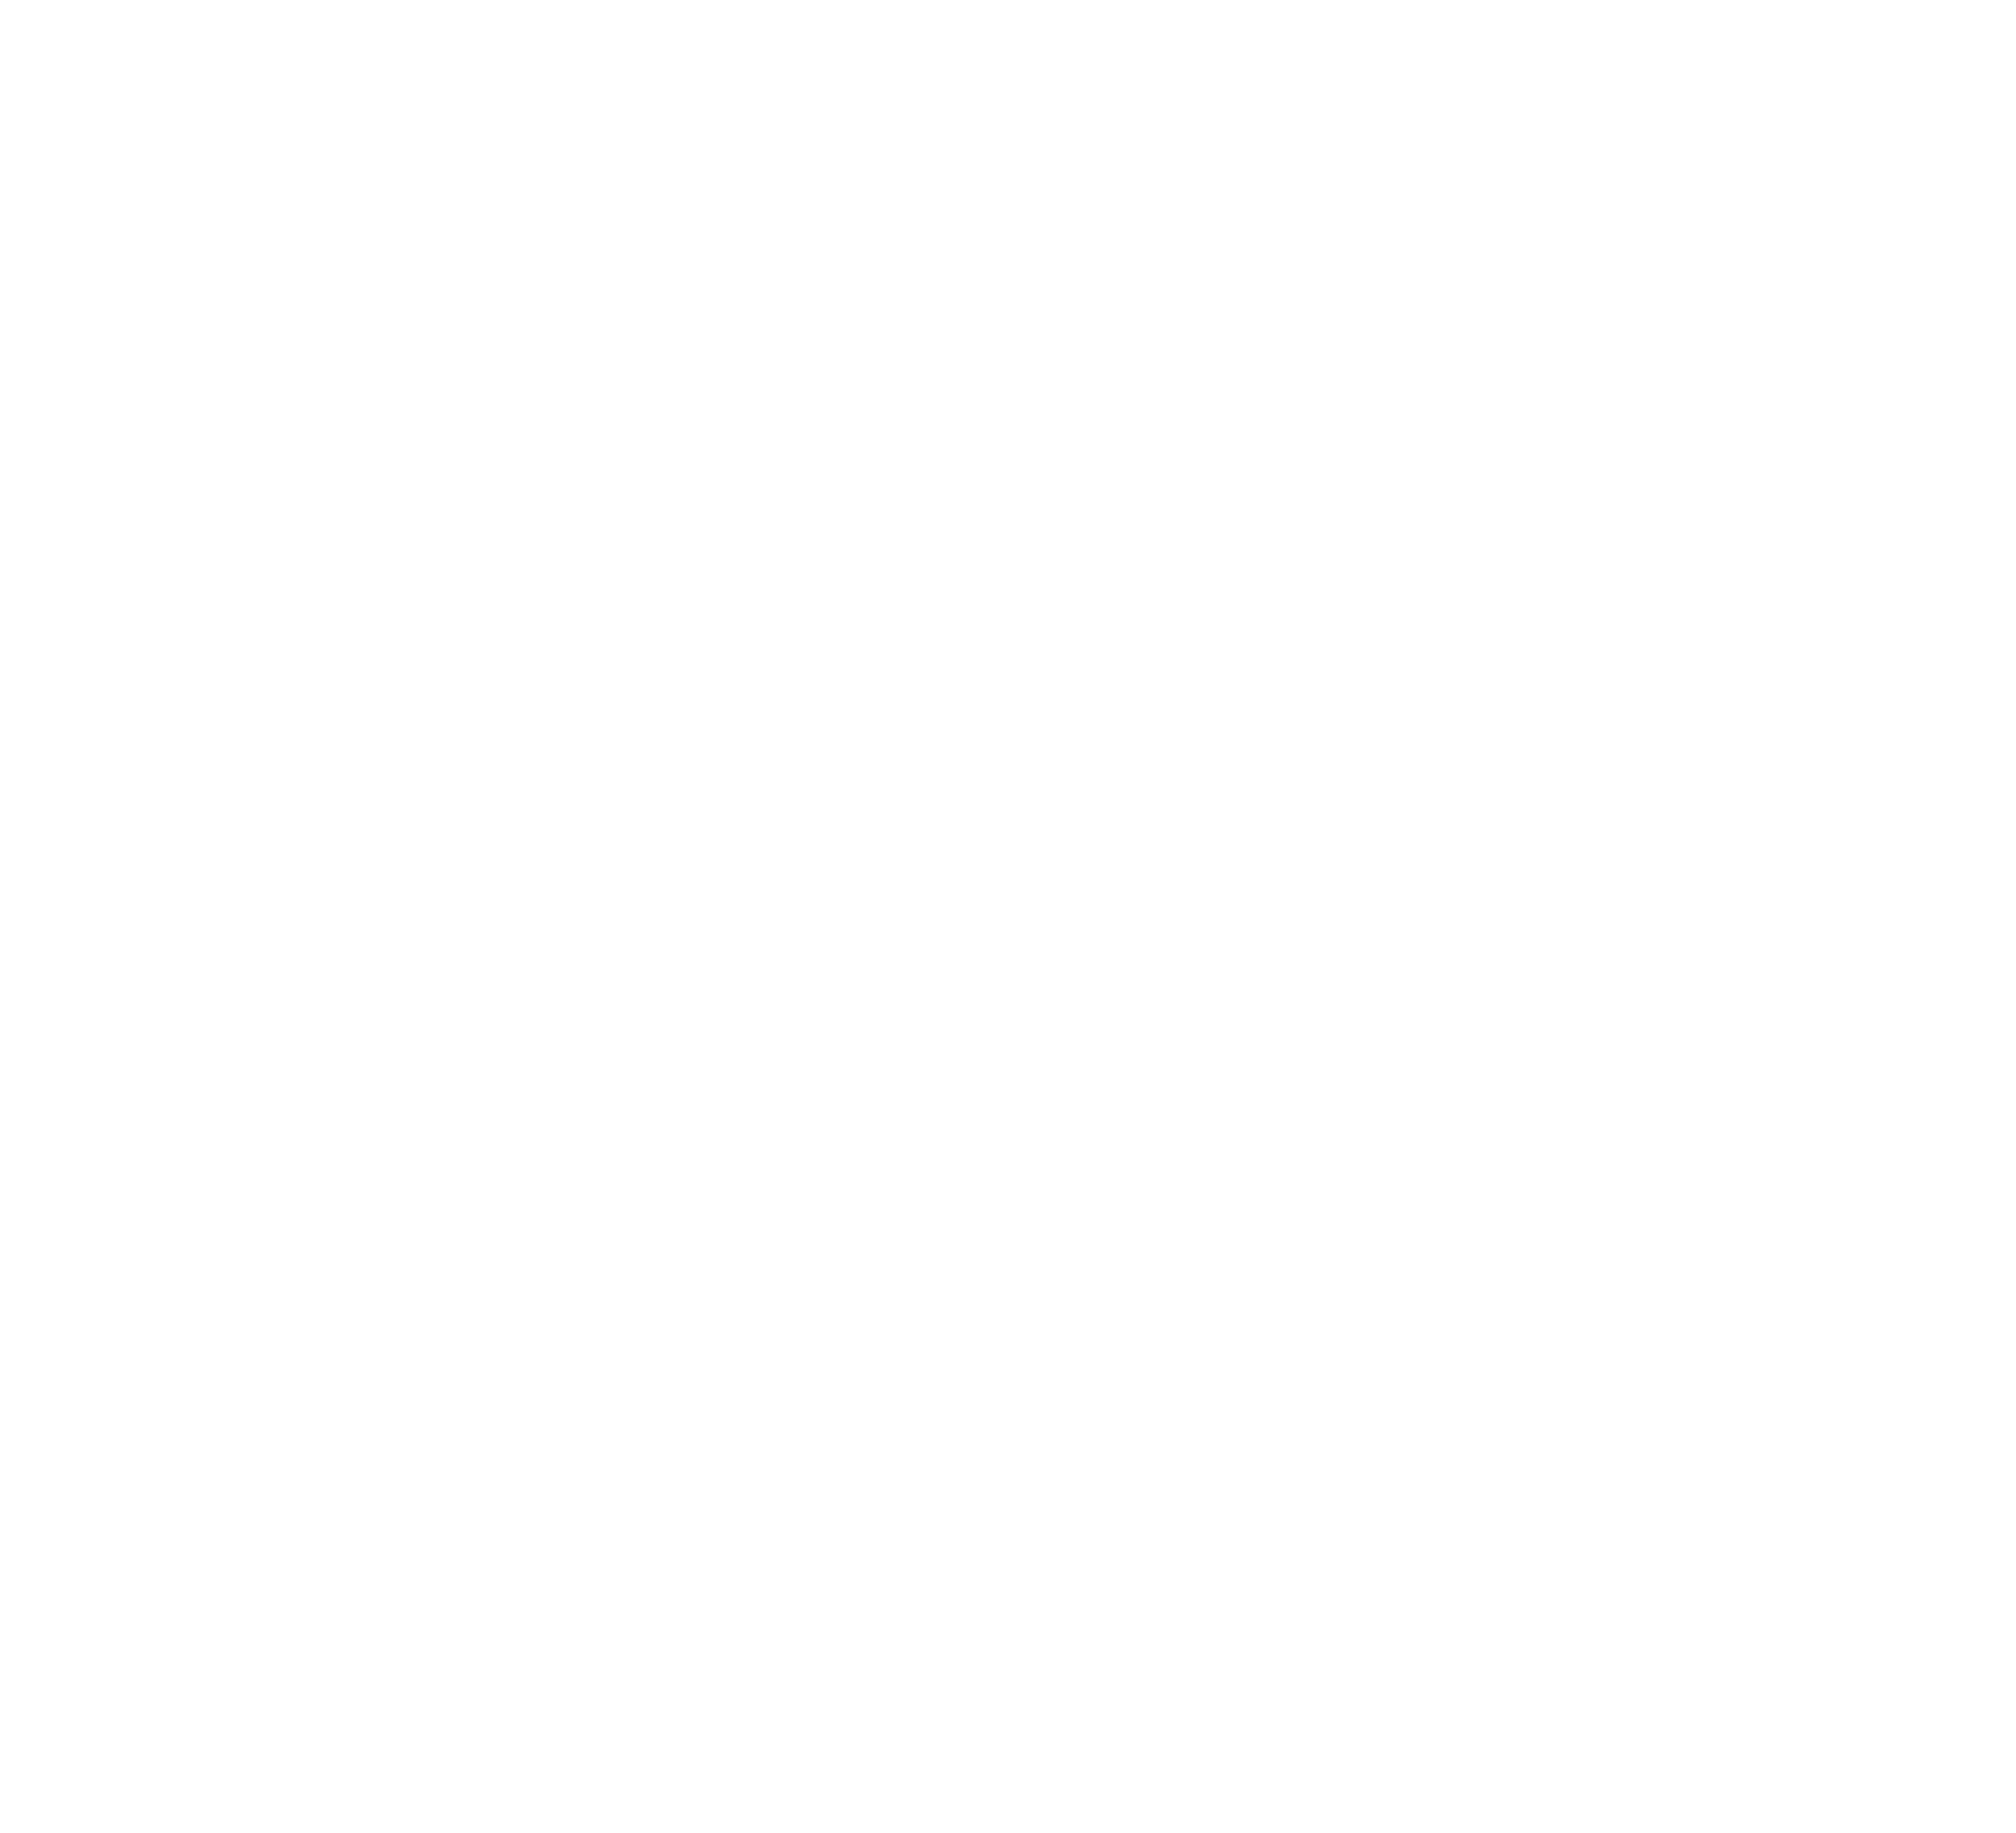 Онлайн касса АТОЛ SIGMA 7. Онлайн-касса и помощник для бизнеса от 11 900 р.